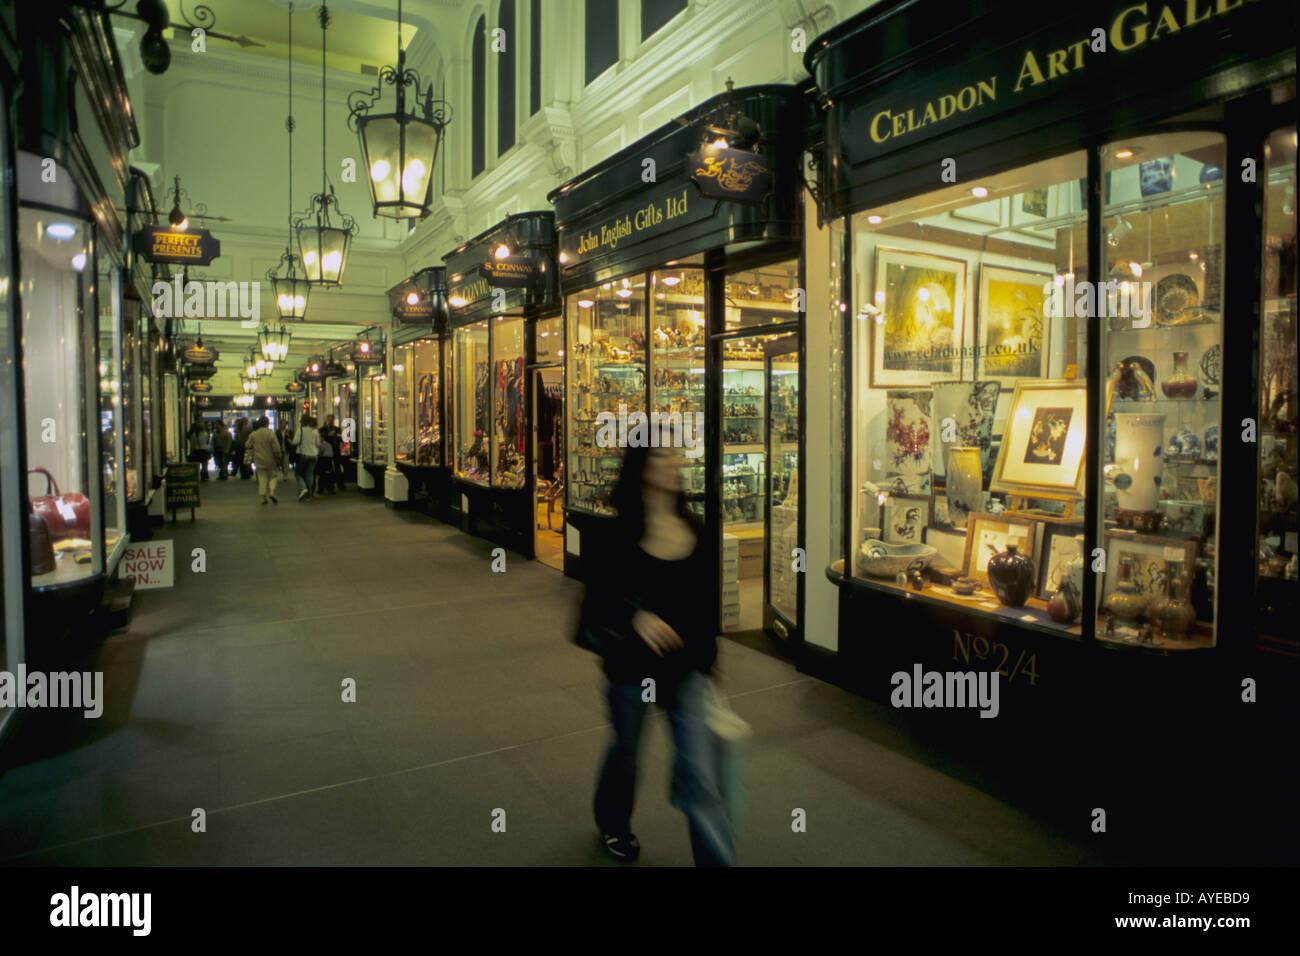 UK England London Picadilly shopping arcade - Stock Image